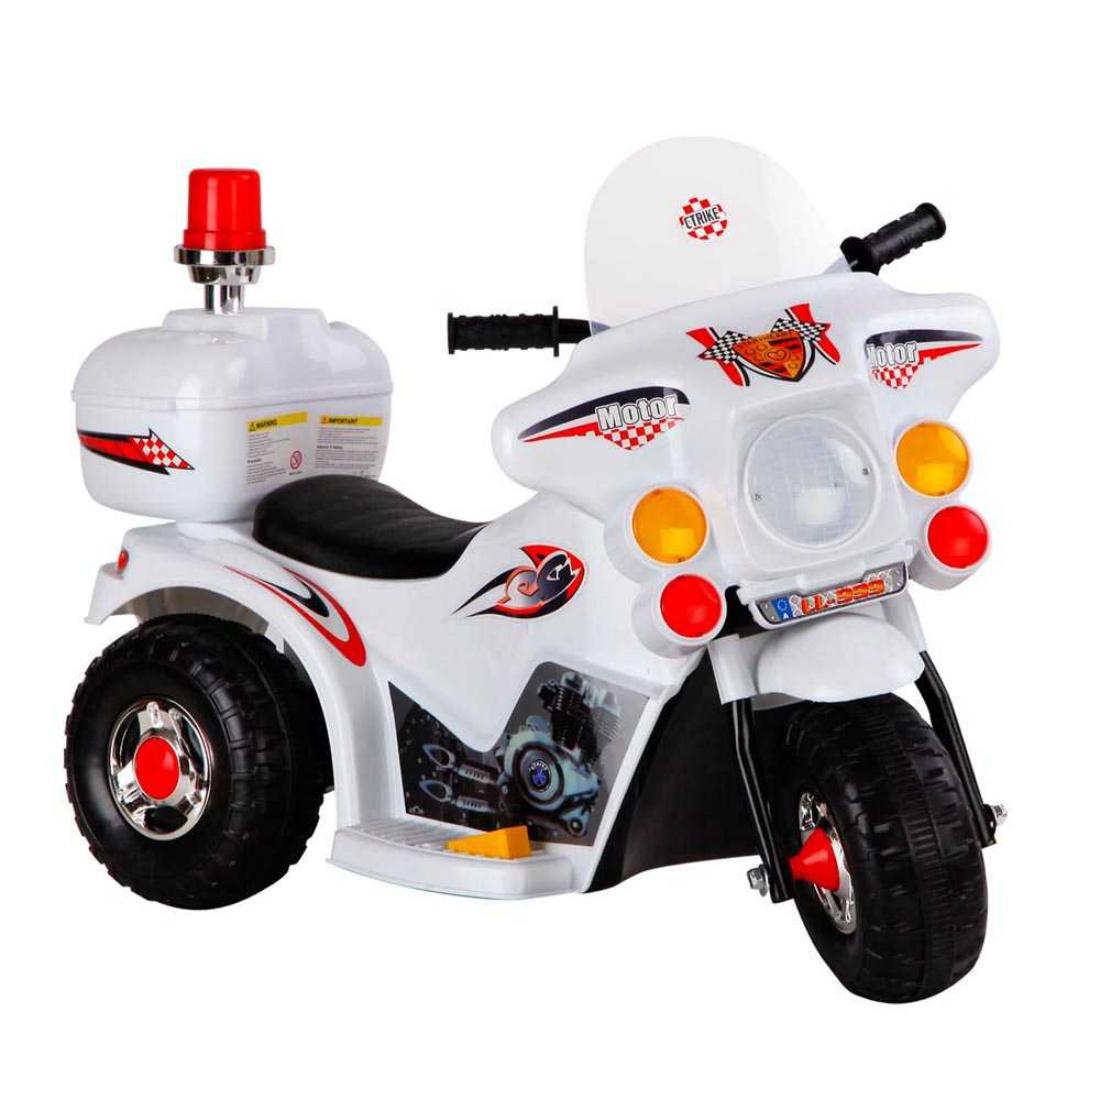 Kids Ride on Motorbike White Kids Motorcycle